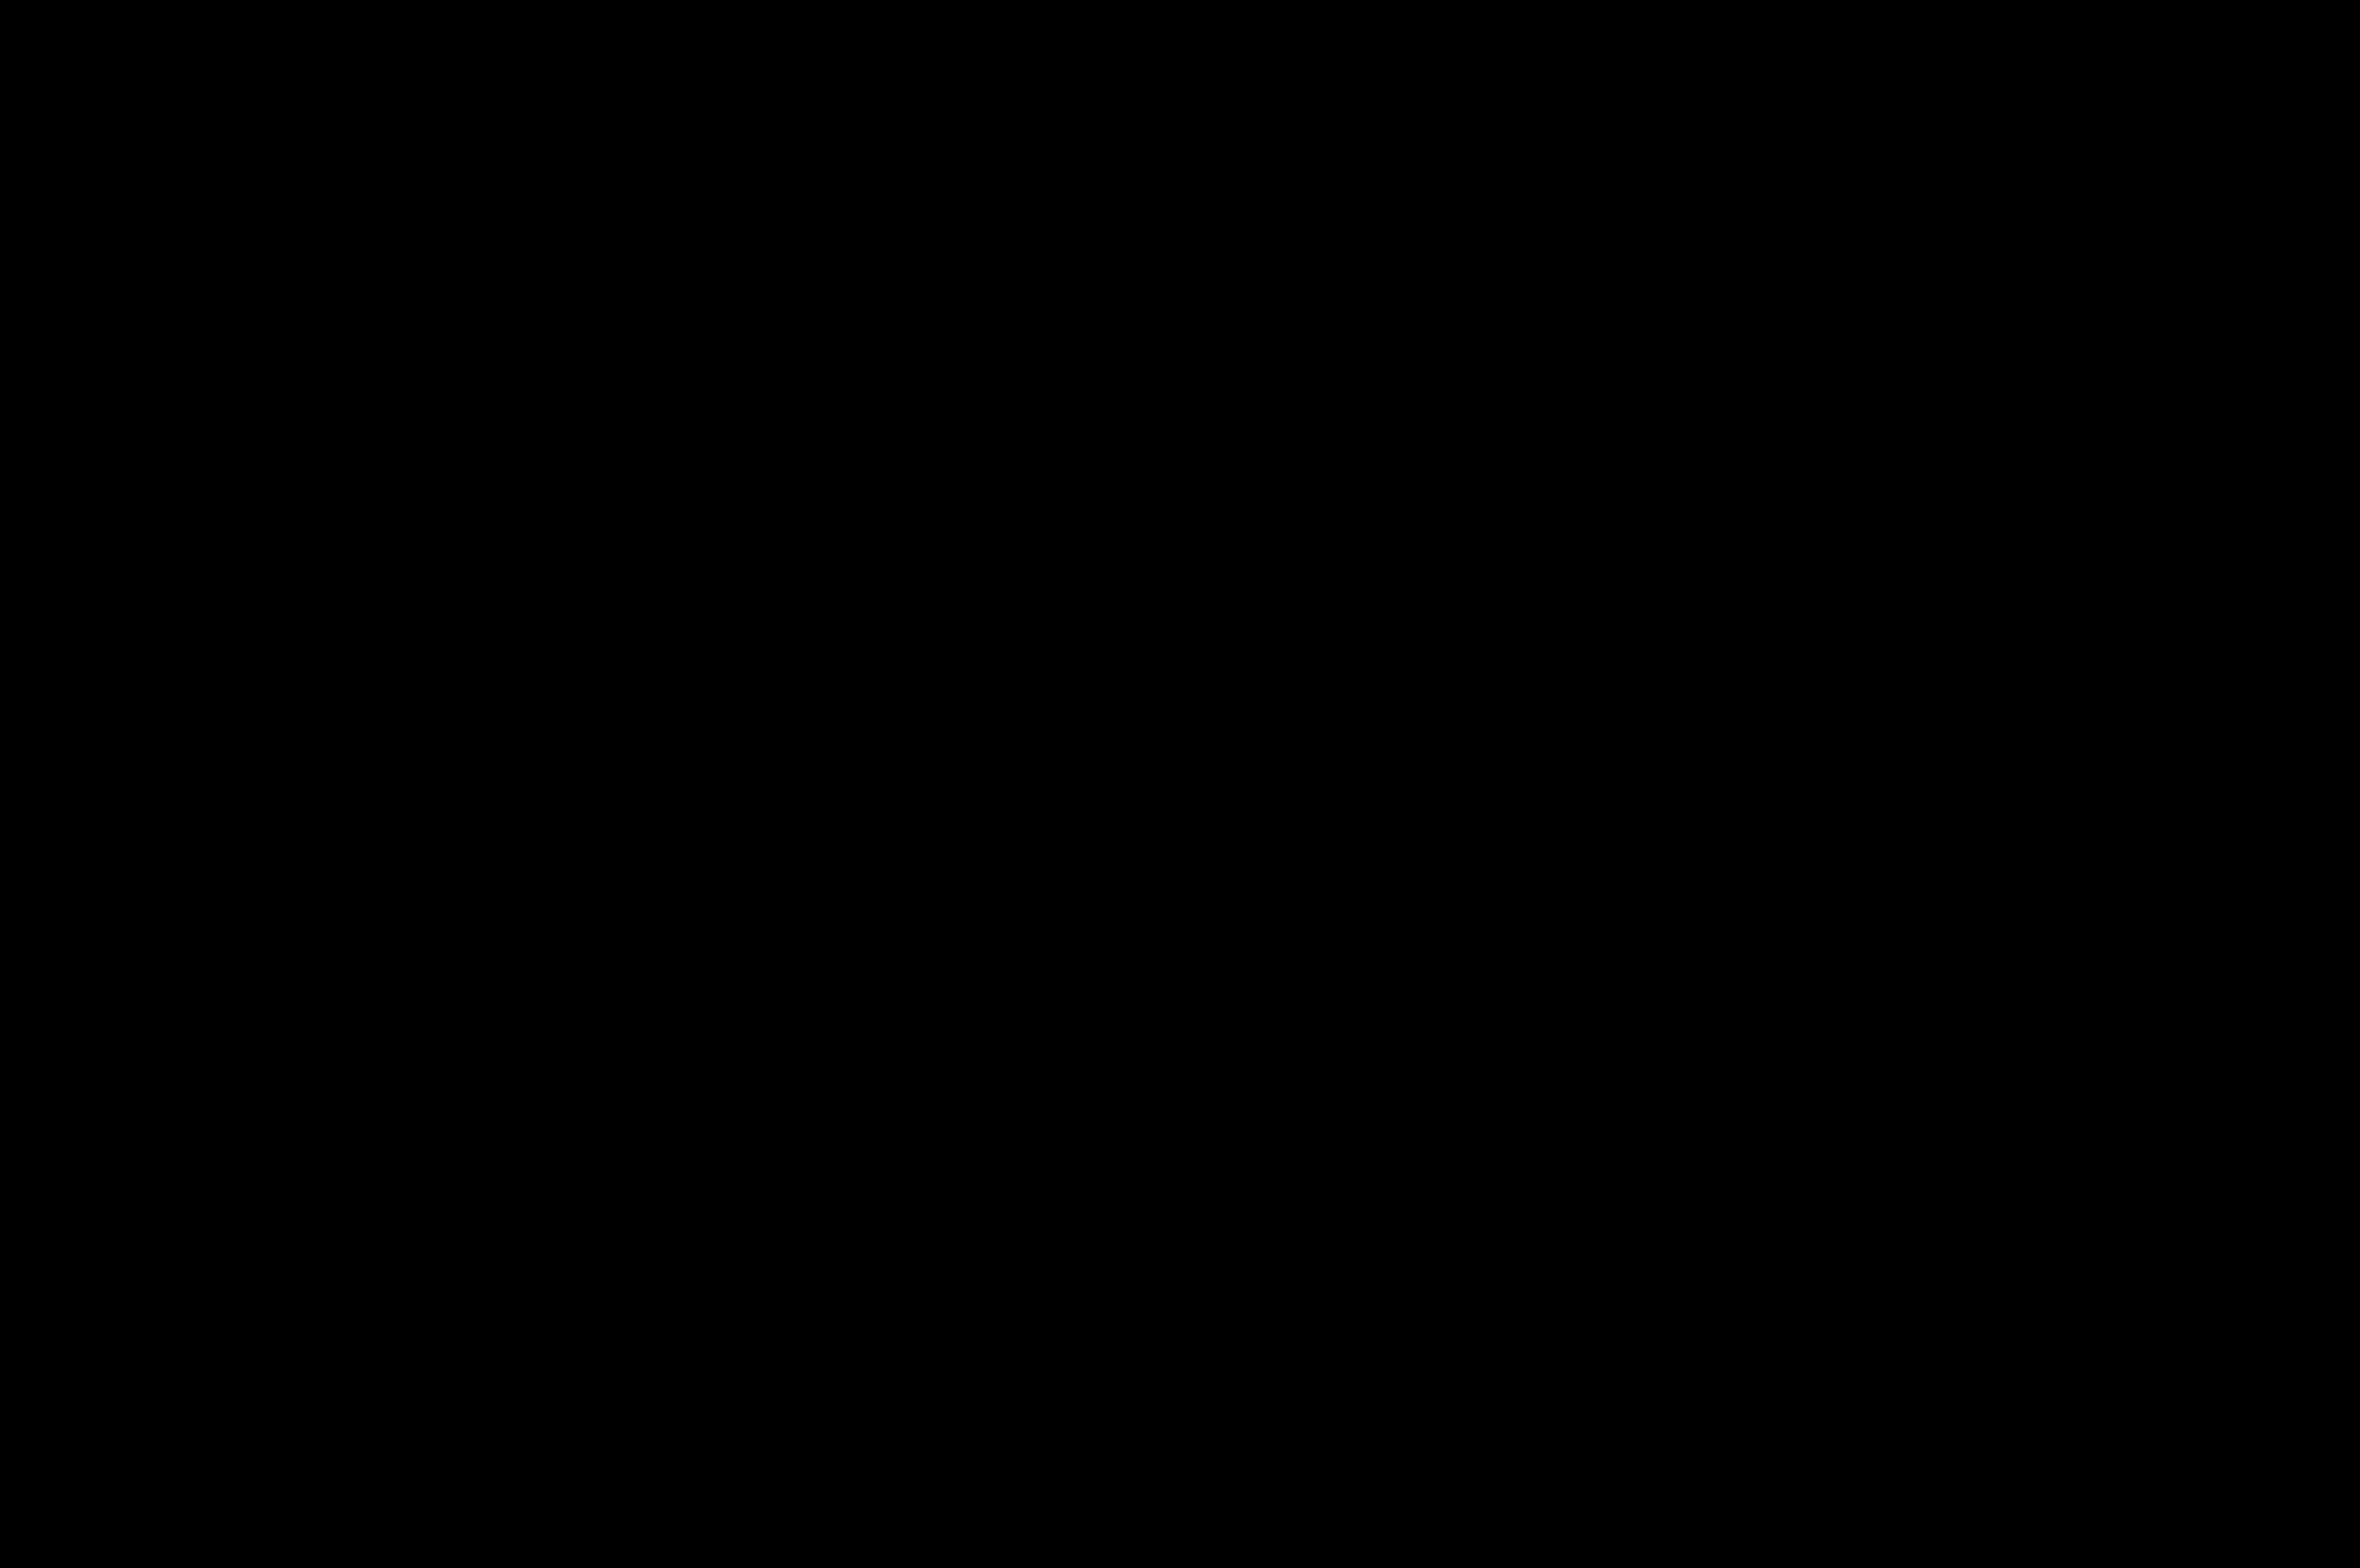 北京地铁线路图